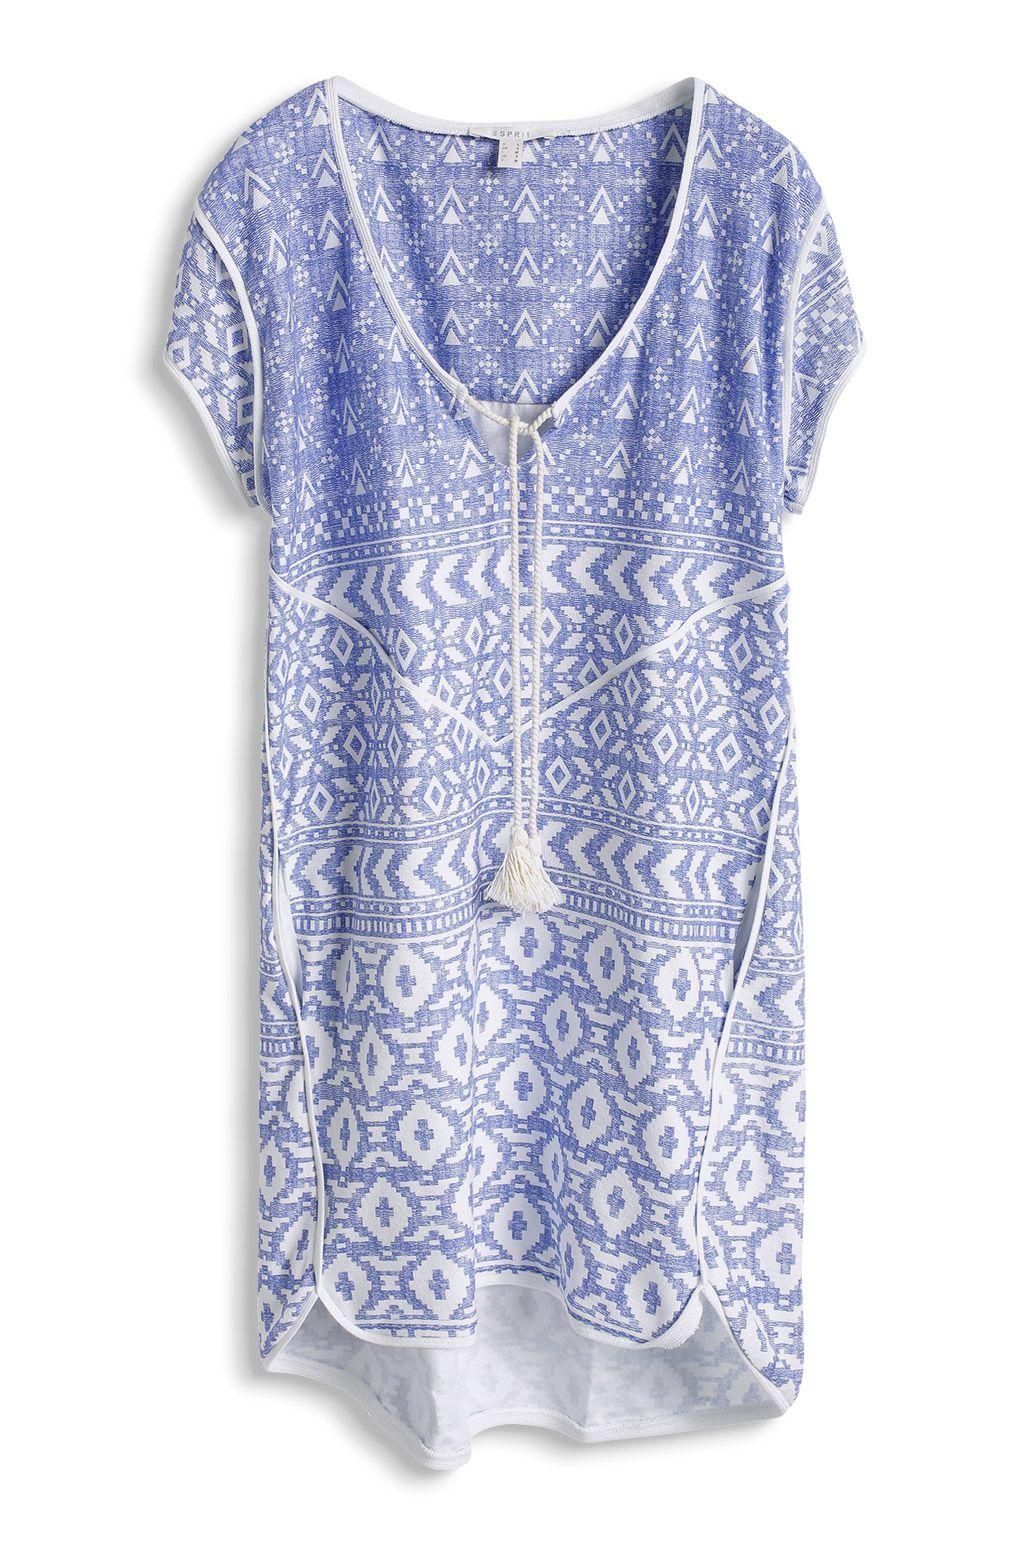 Ethno kleider online shop